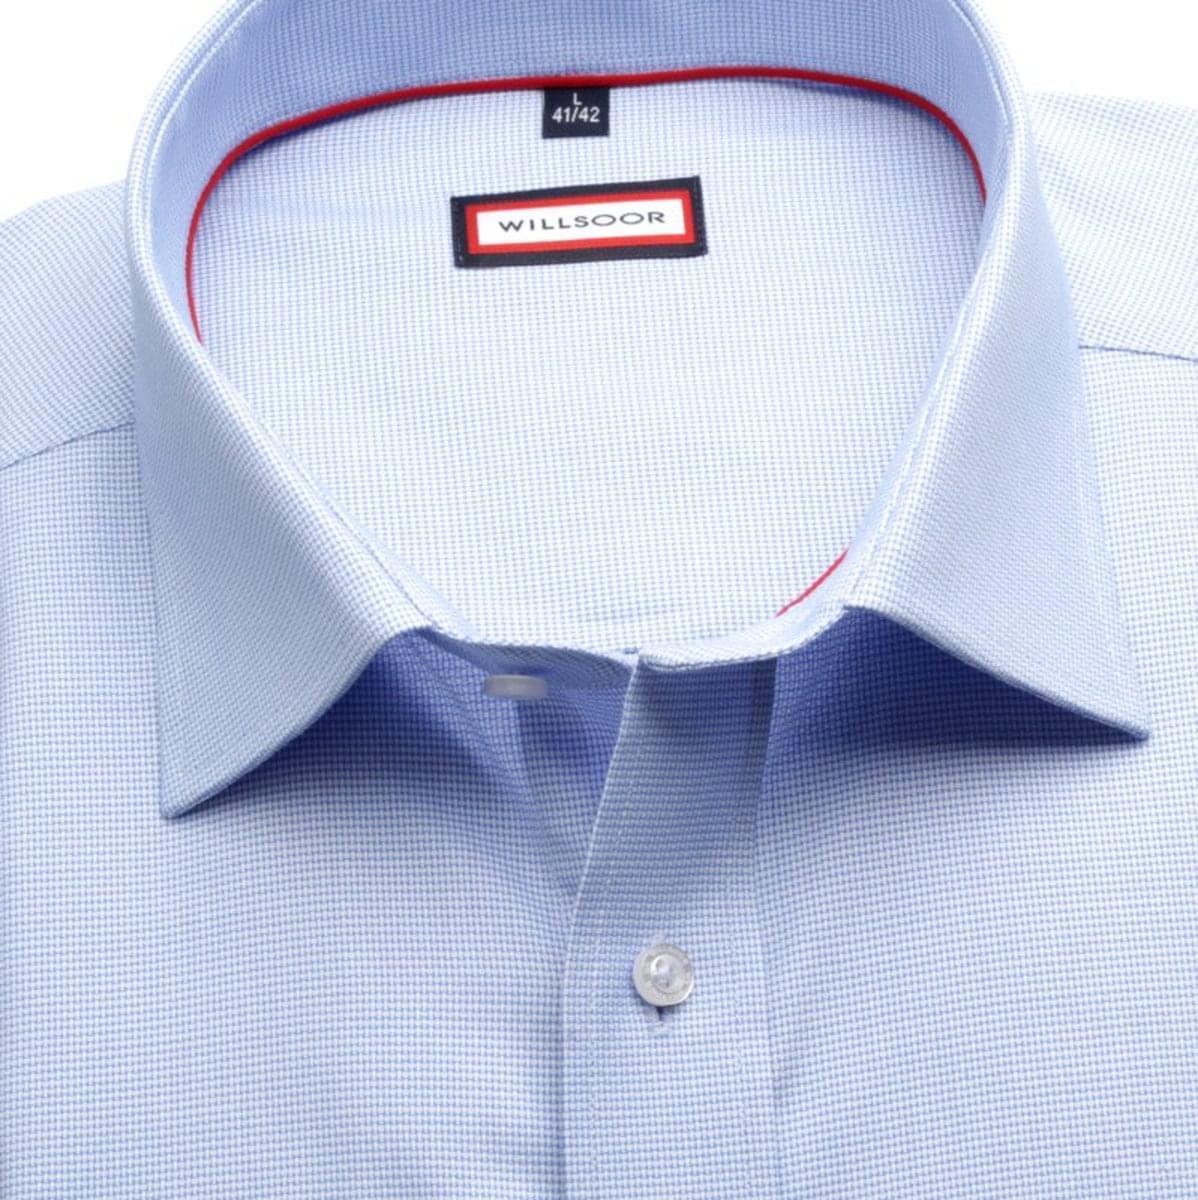 Pánská klasická košile (výška 188-194) 7391 ve světle modré barvě 188-194 / XL (43/44)